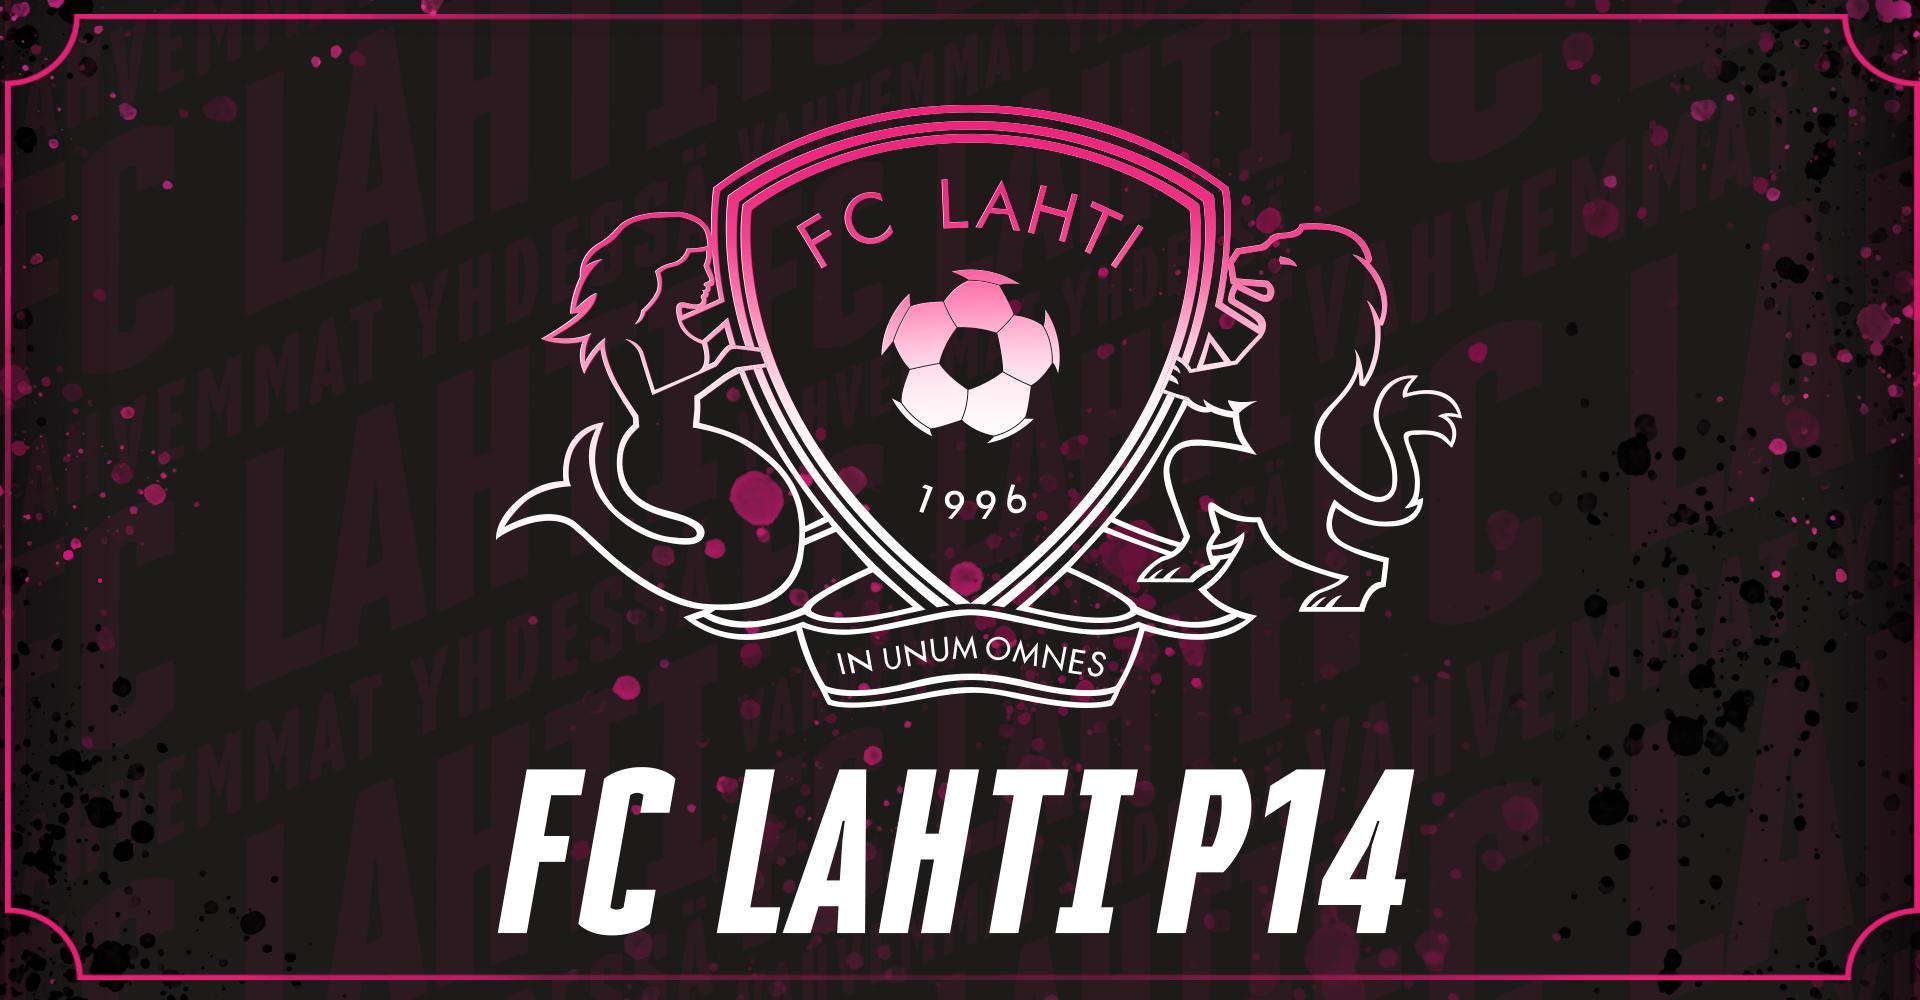 Tervetuloa FC Lahti P14 -joukkueen sivulle